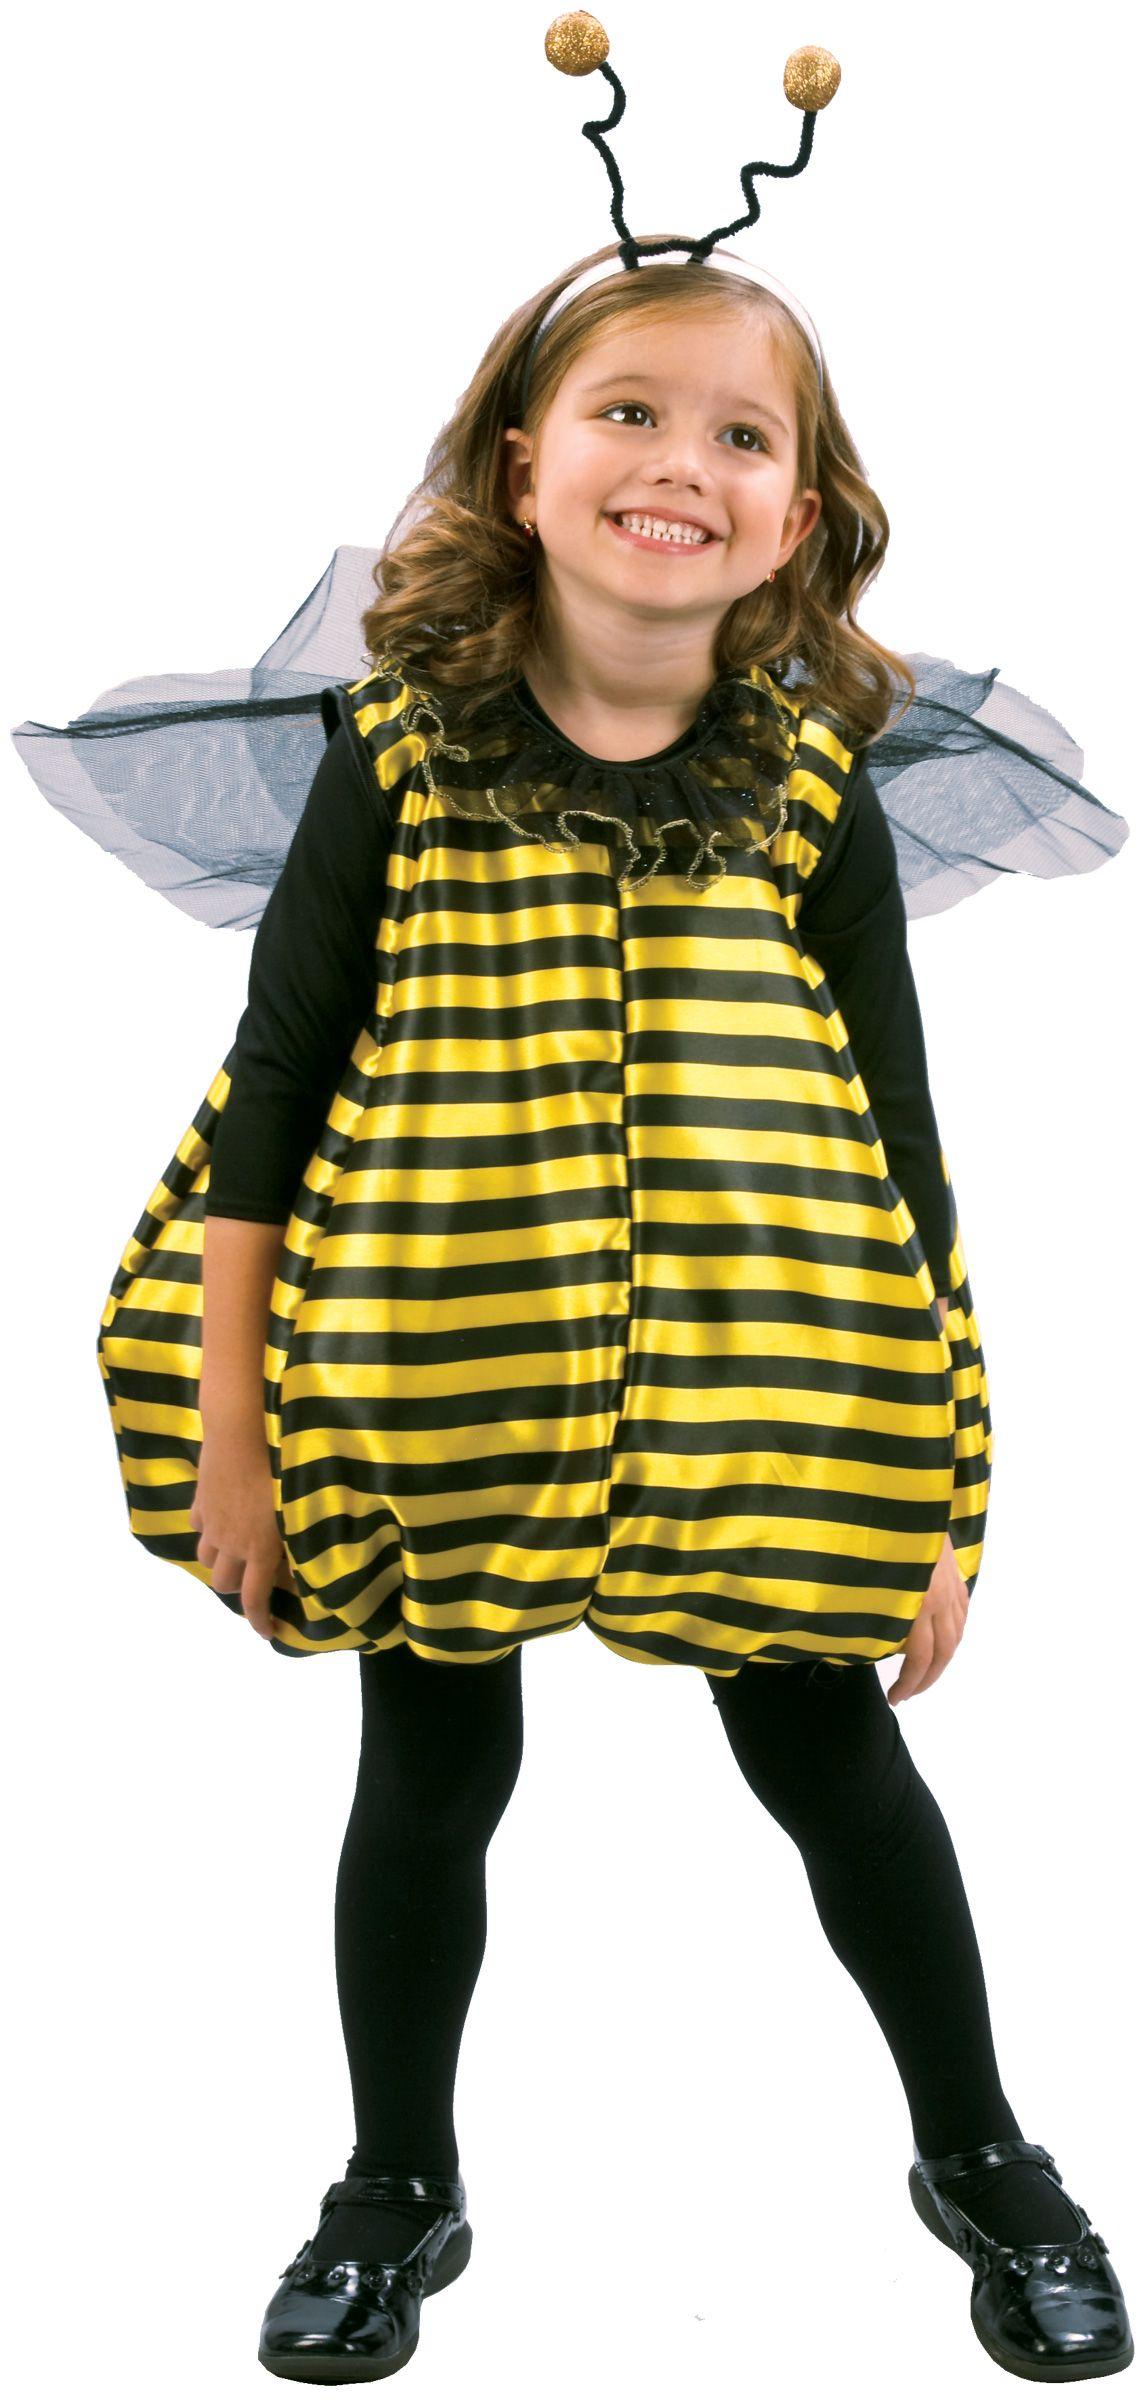 ab9017d079c91 Déguisement abeille fille Deguisement Abeille